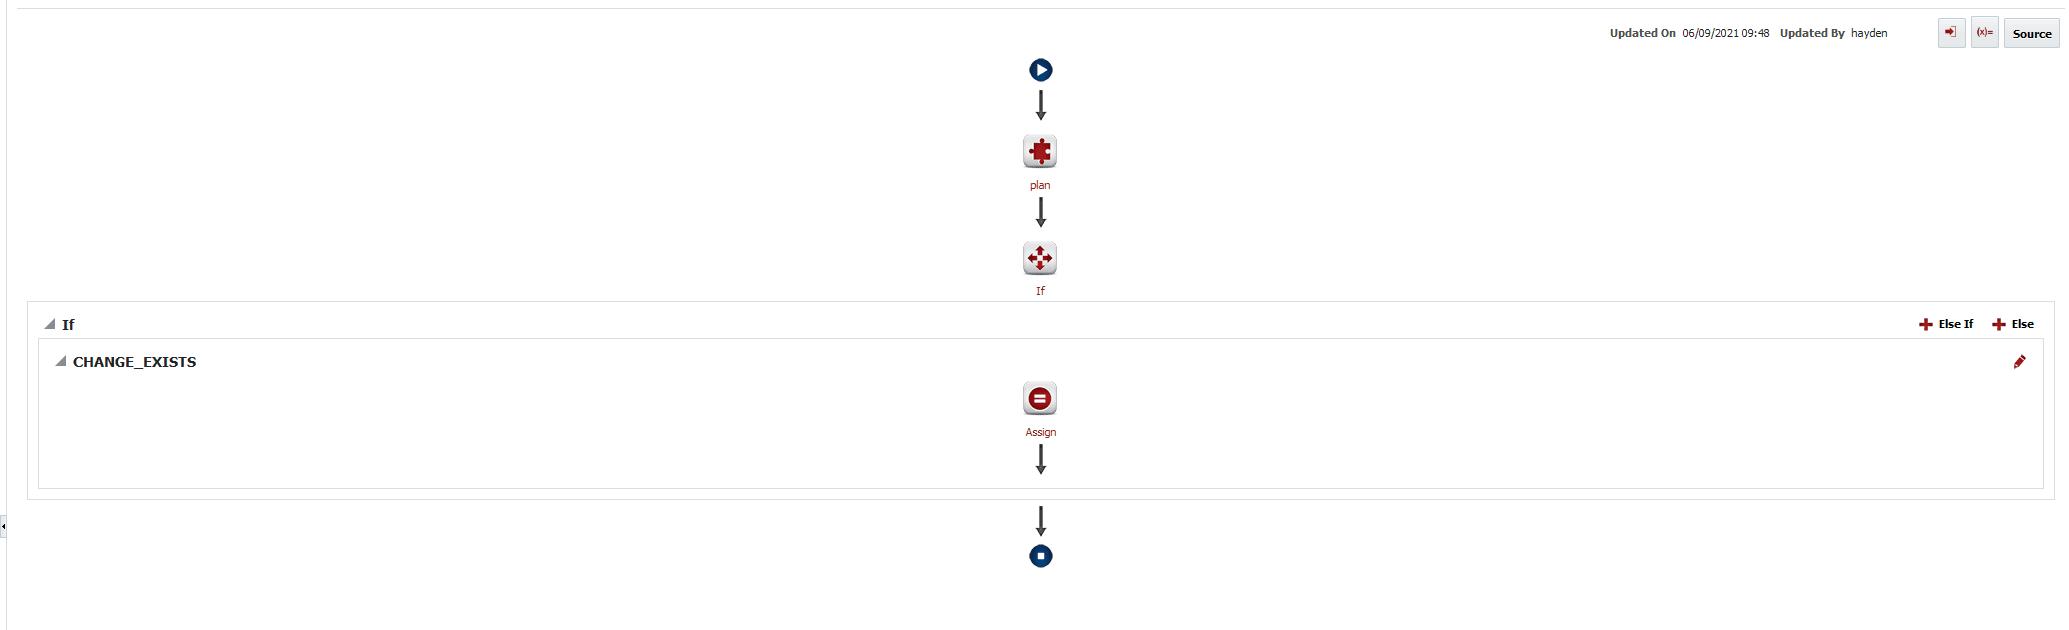 entire workflow plan